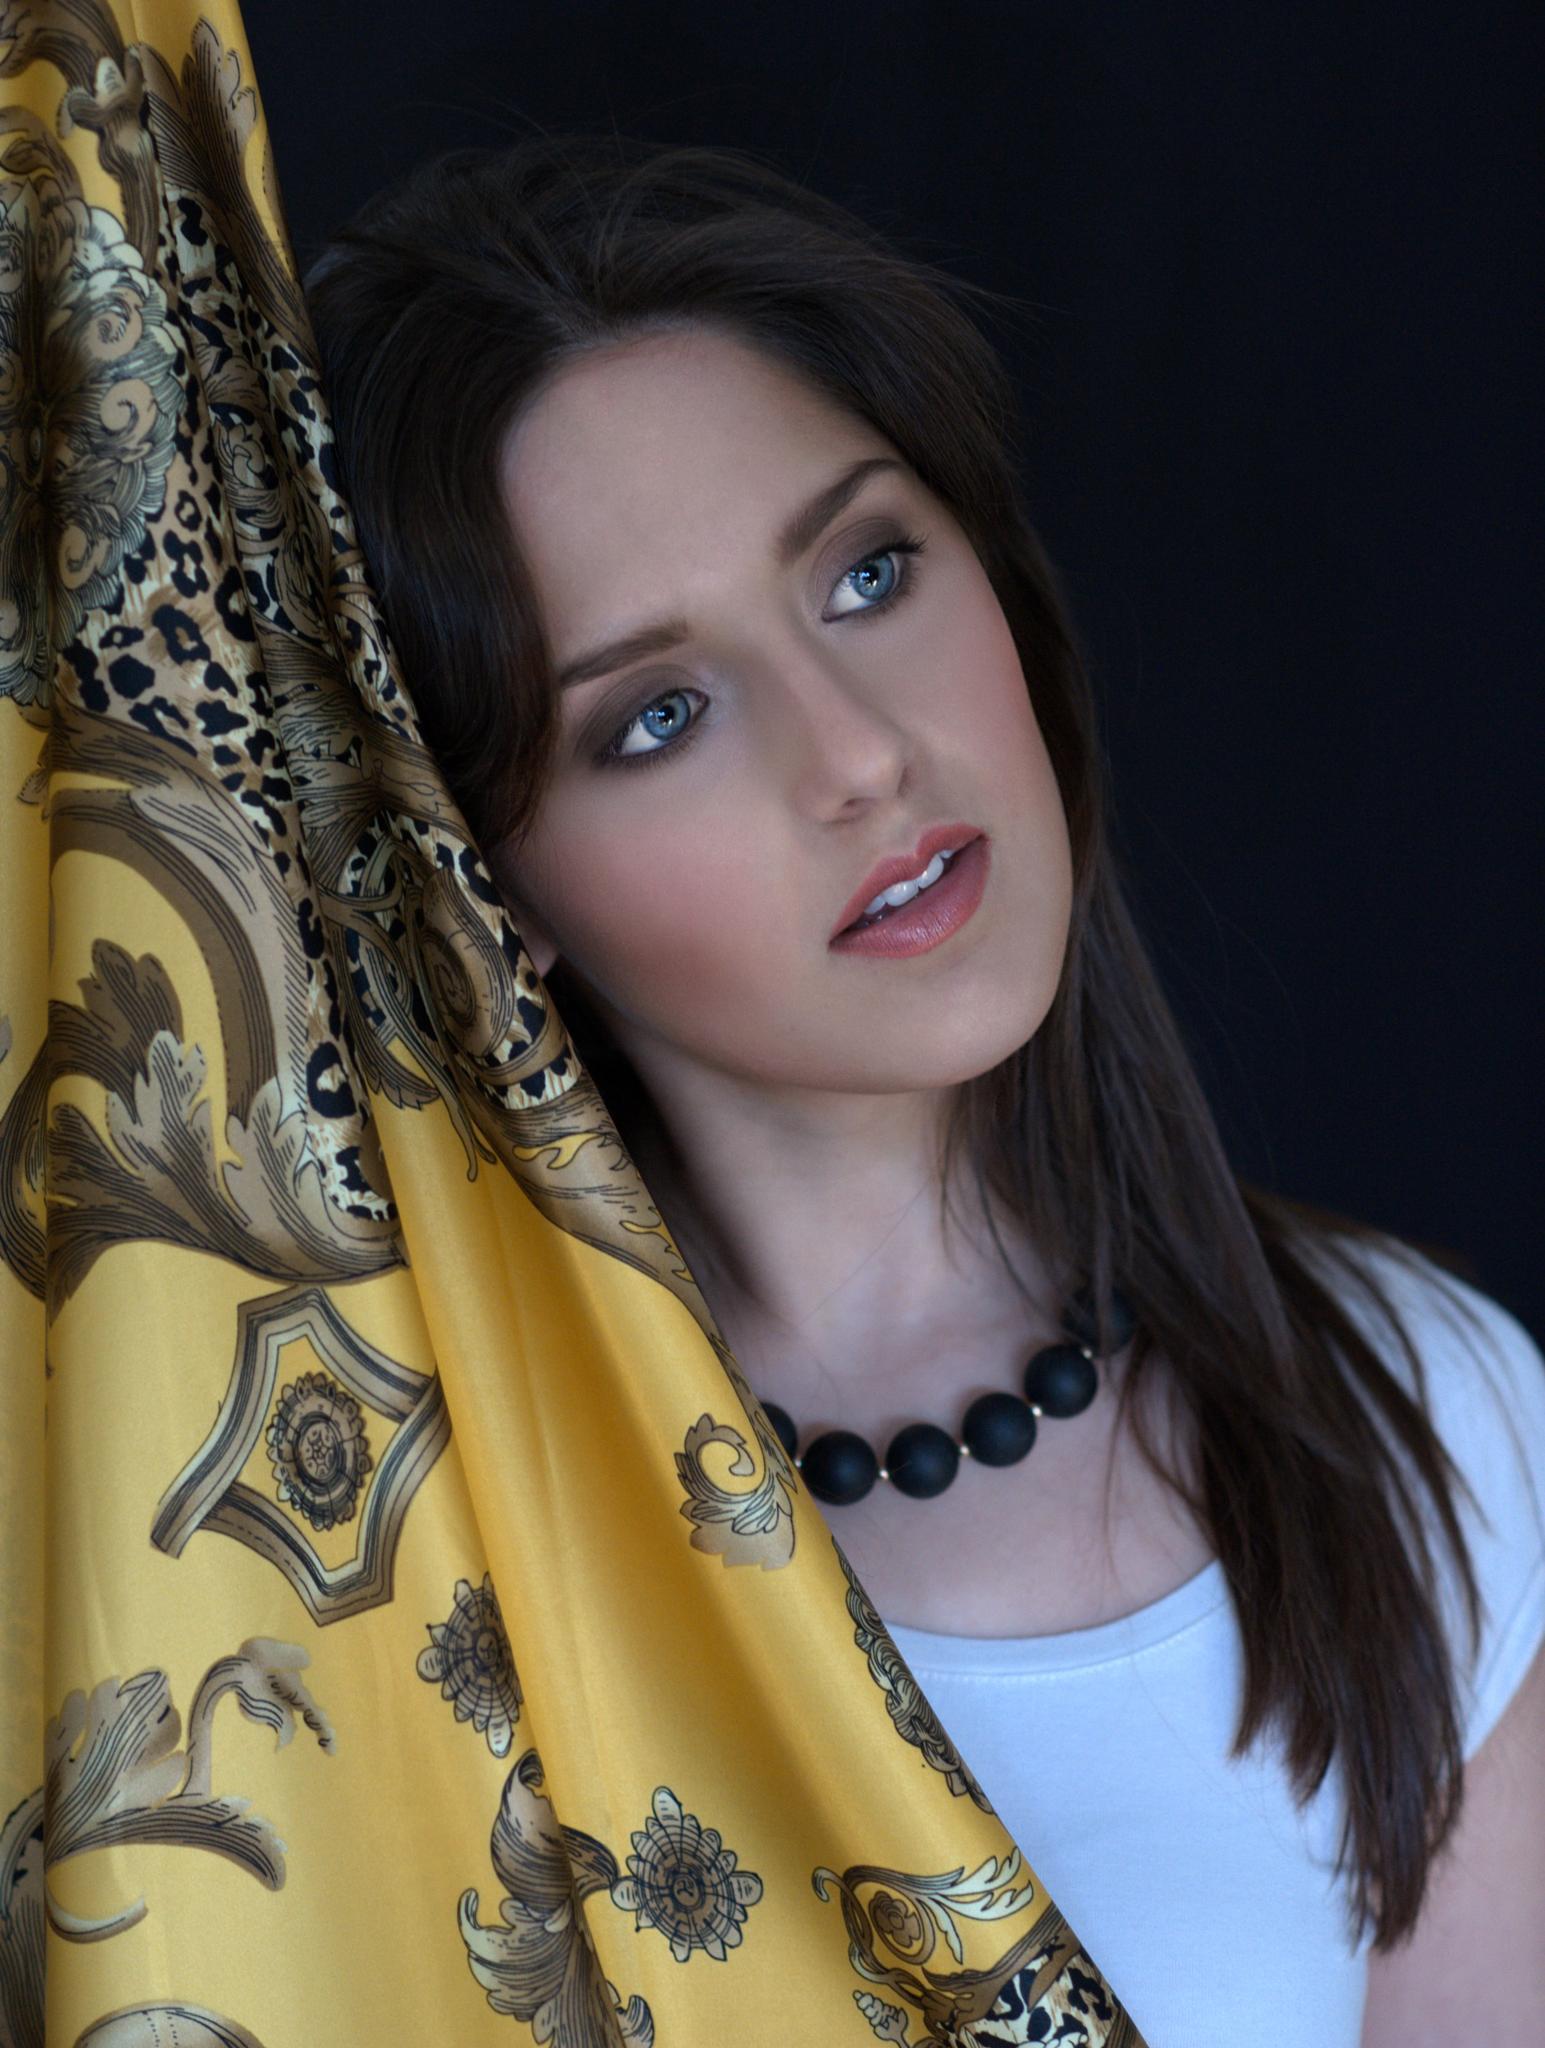 Melina by Alplata